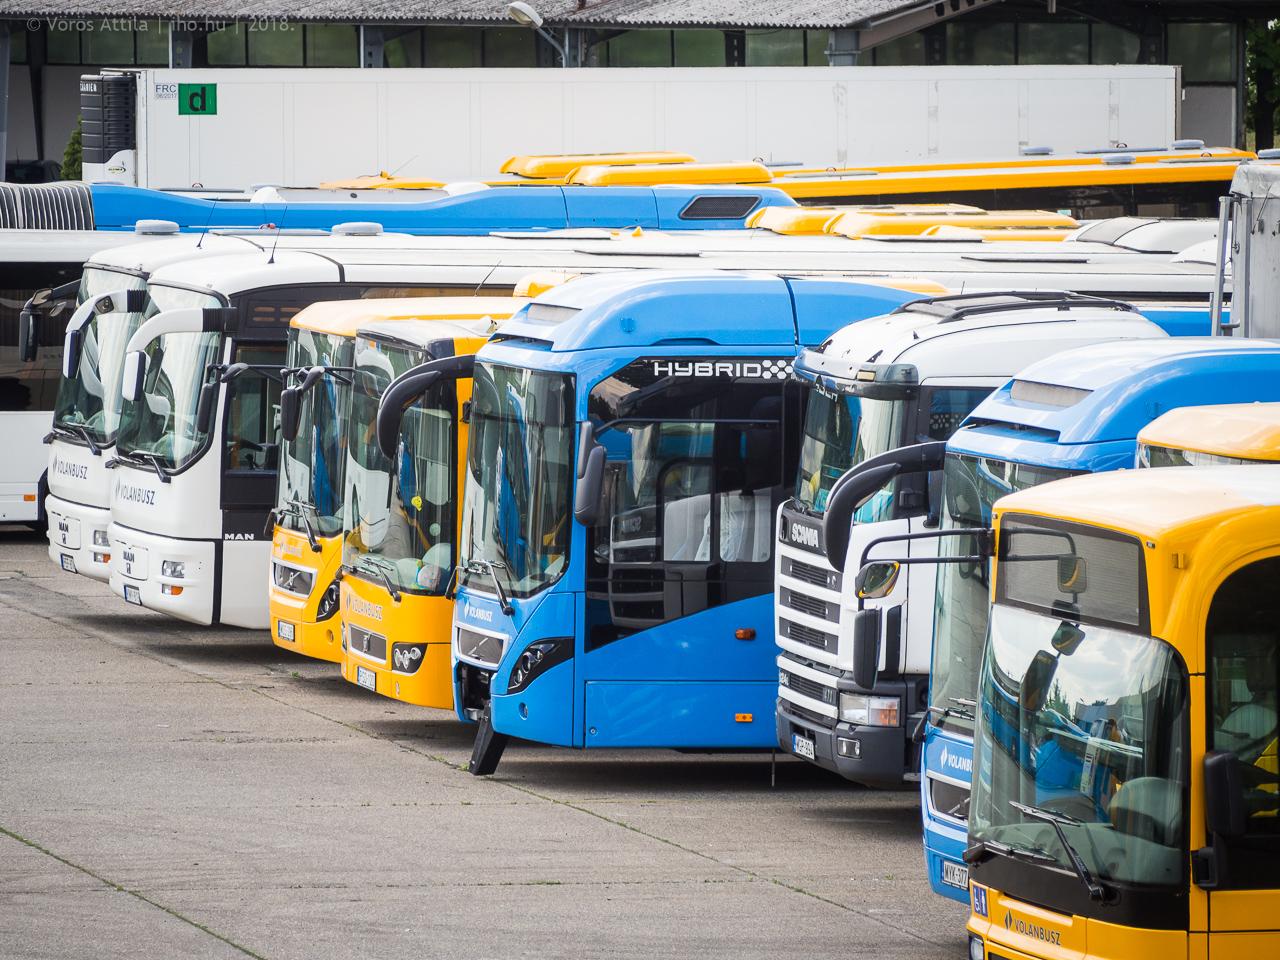 Volánbuszos járműveket is lehet látni a Volvo Hungáriánál, a képen rögtön három Volvo 7900A Hybrid is felfedezhető